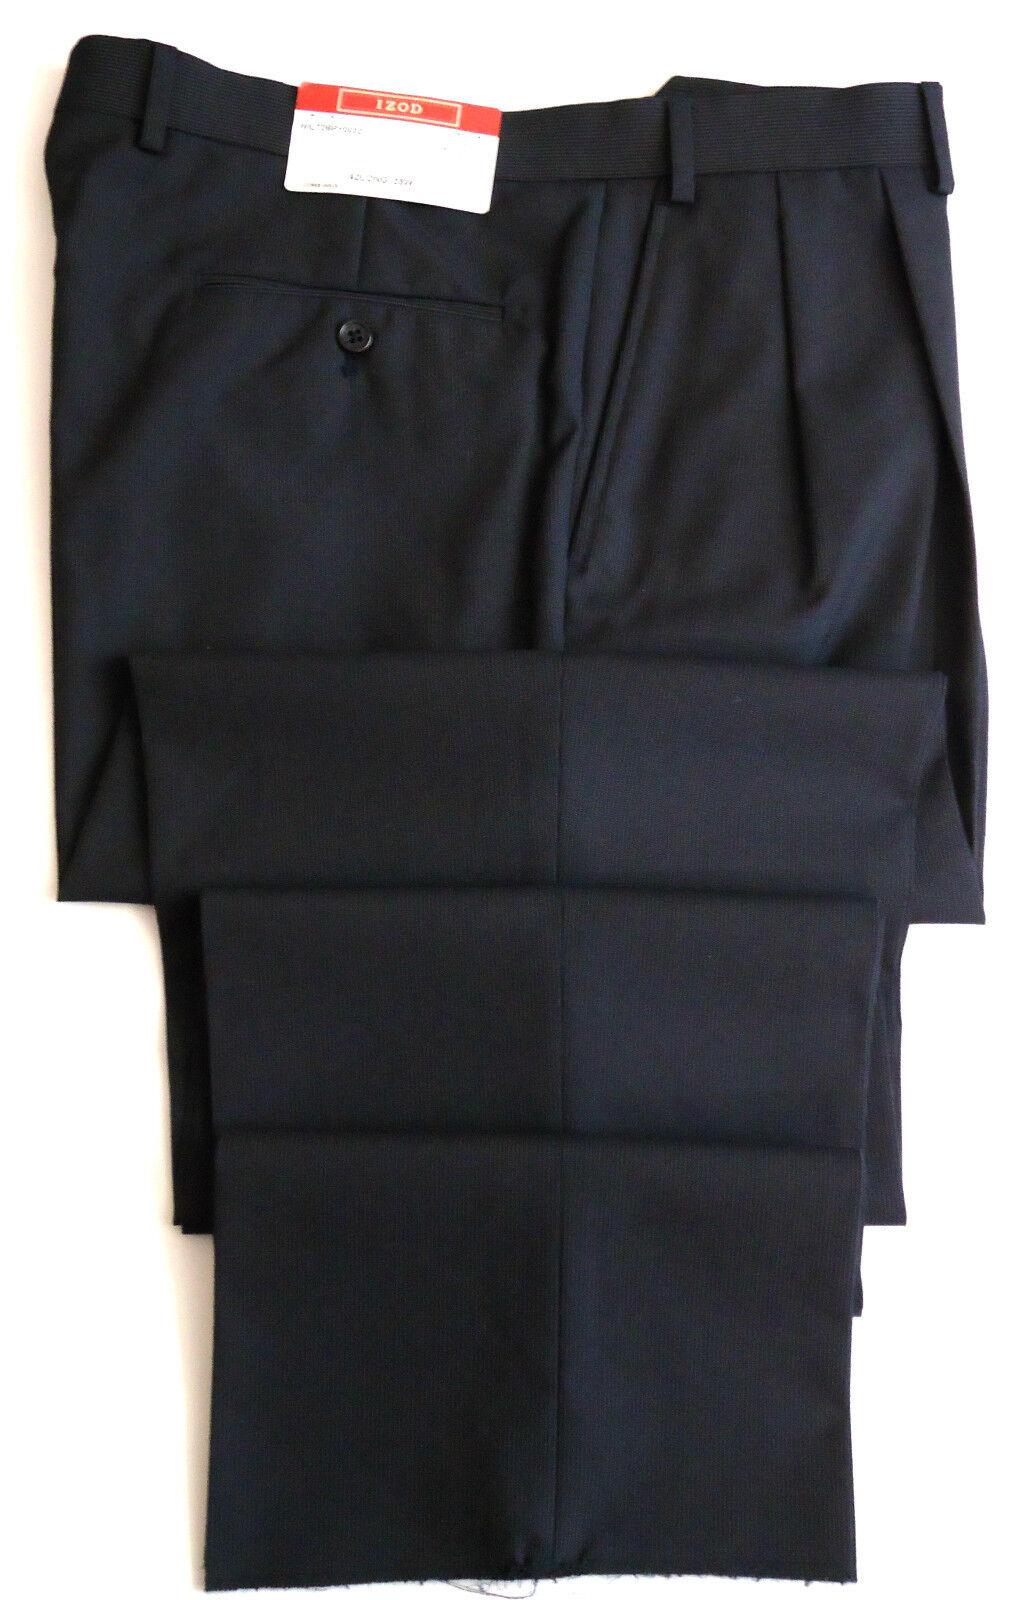 Izod Men's Navy Pin Striped Dress Pant Size W35